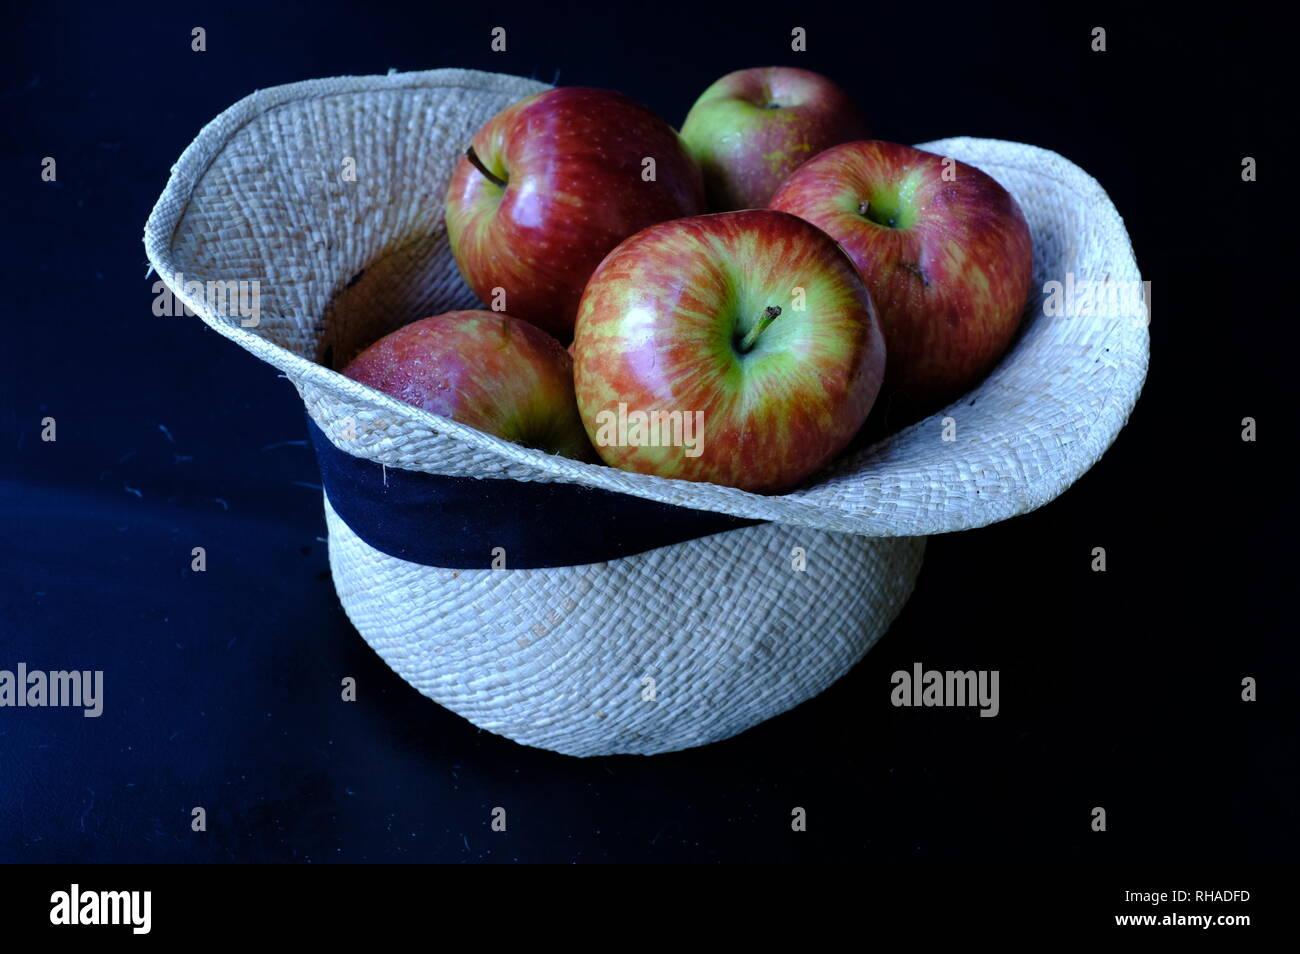 Primo Piano Di Carni Rosse Mele All Interno Di Una Bianca Cappello Di Paglia Su Uno Sfondo Nero Concetto Di Benessere E Salute Foto Stock Alamy